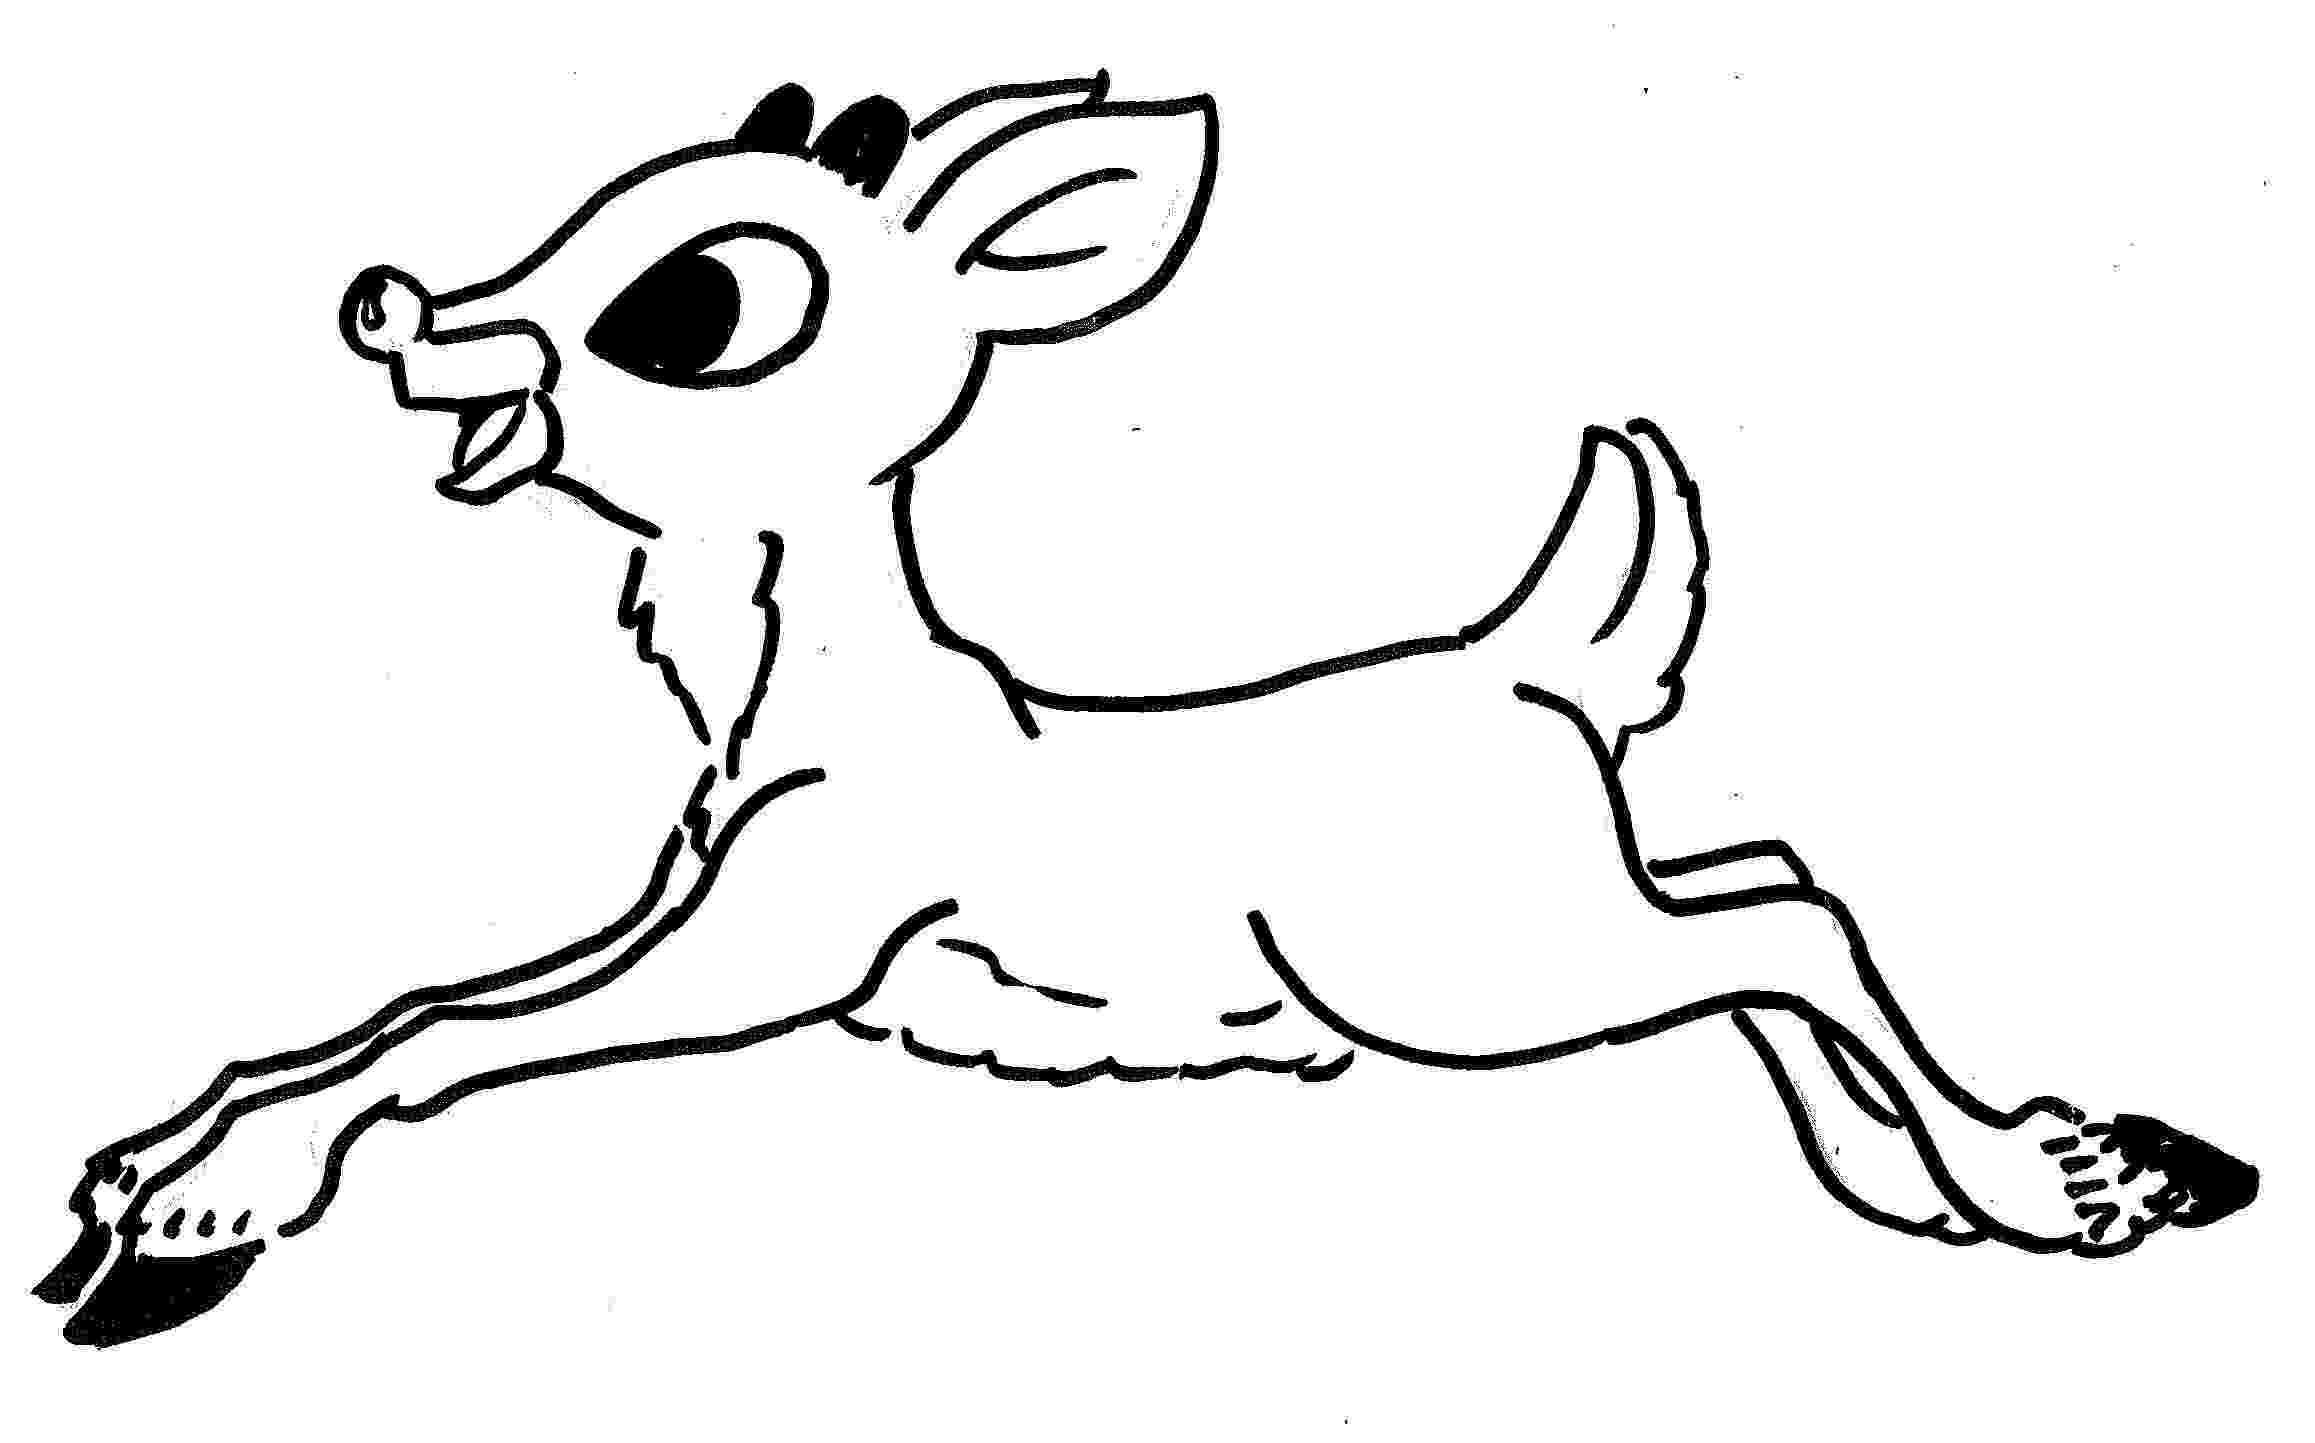 free printable coloring pages reindeer reindeer coloring pages to download and print for free reindeer free coloring printable pages